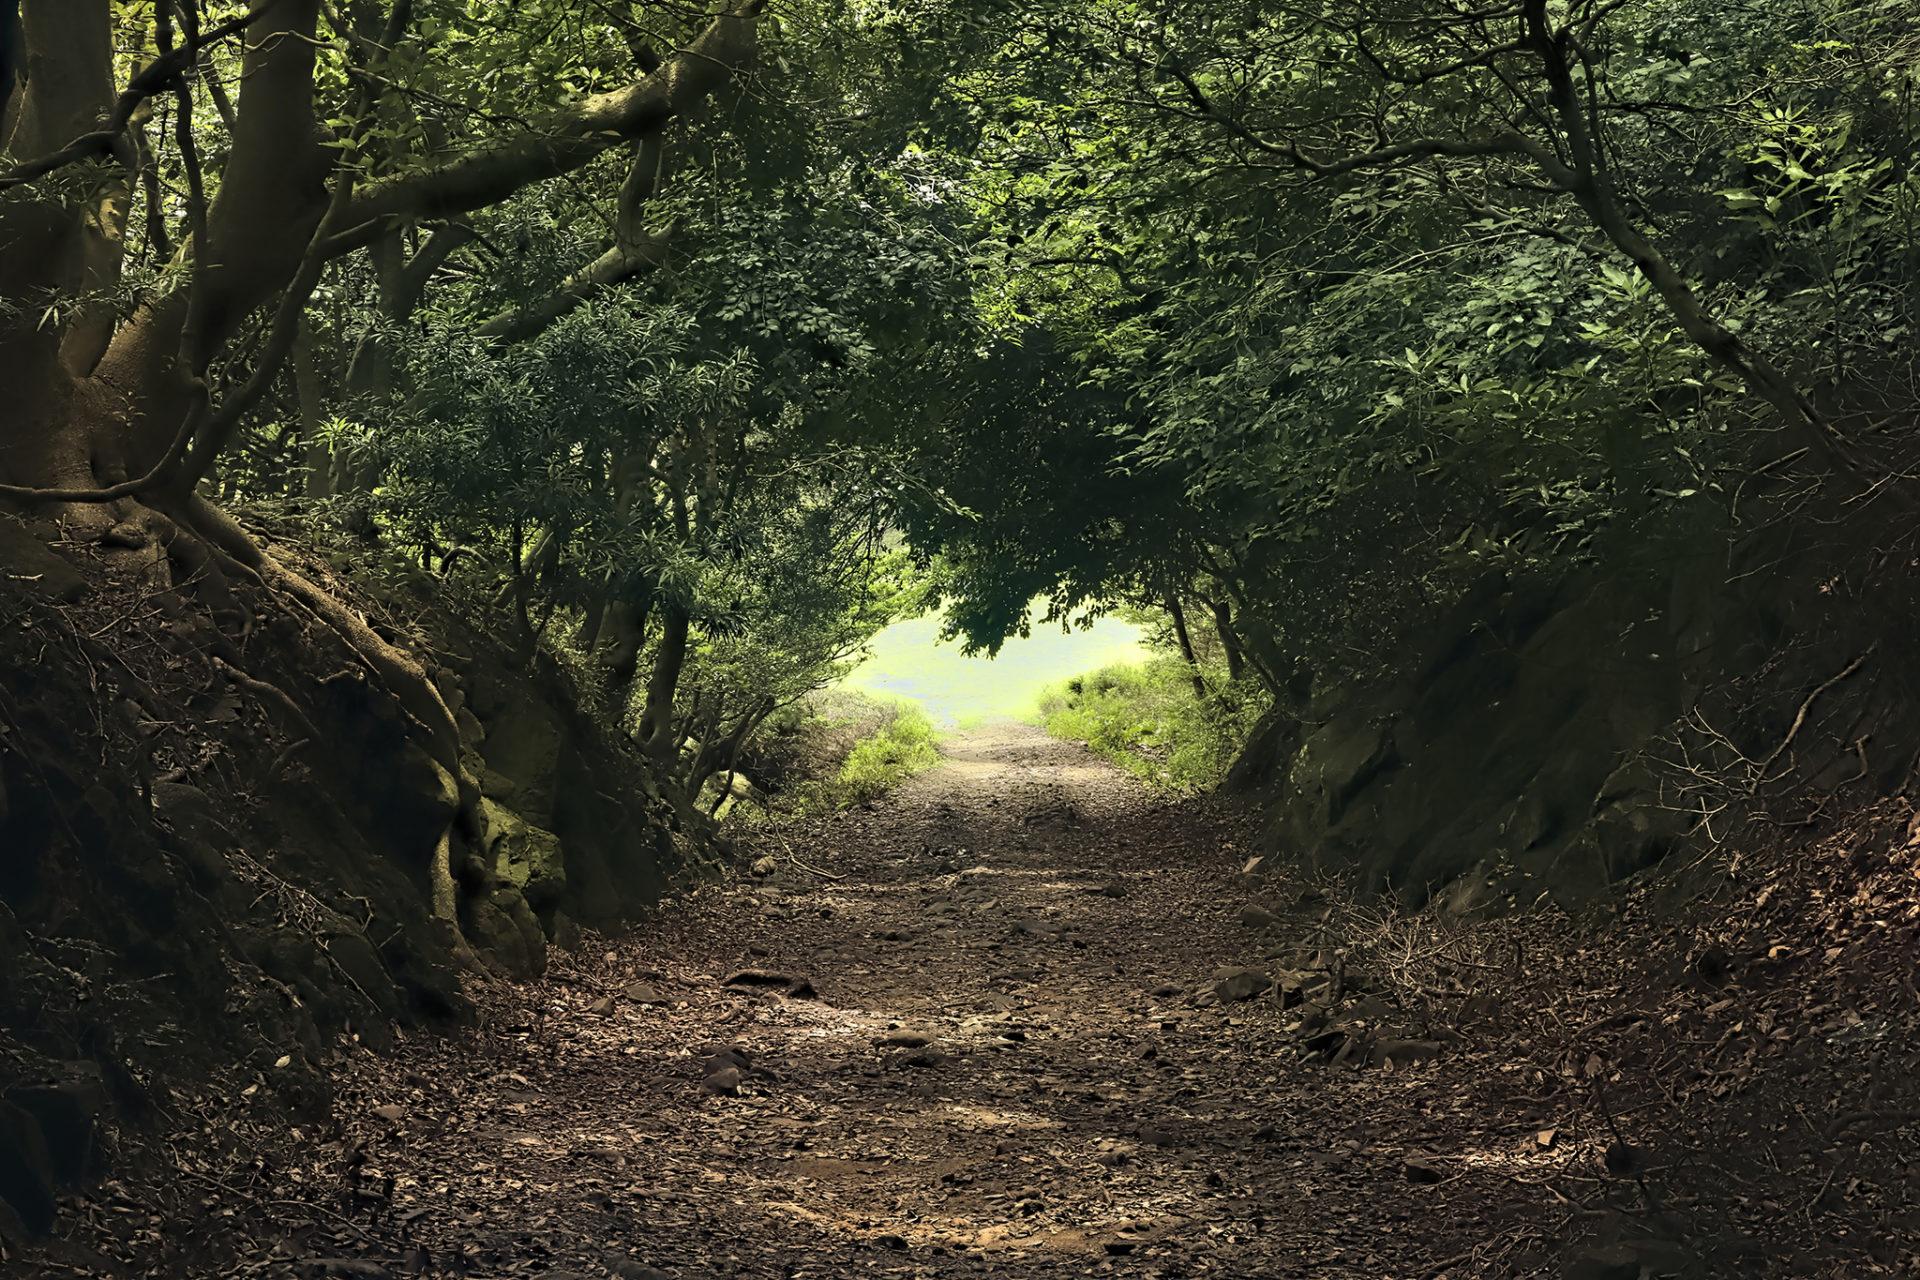 友が島 草木のトンネルの先の光